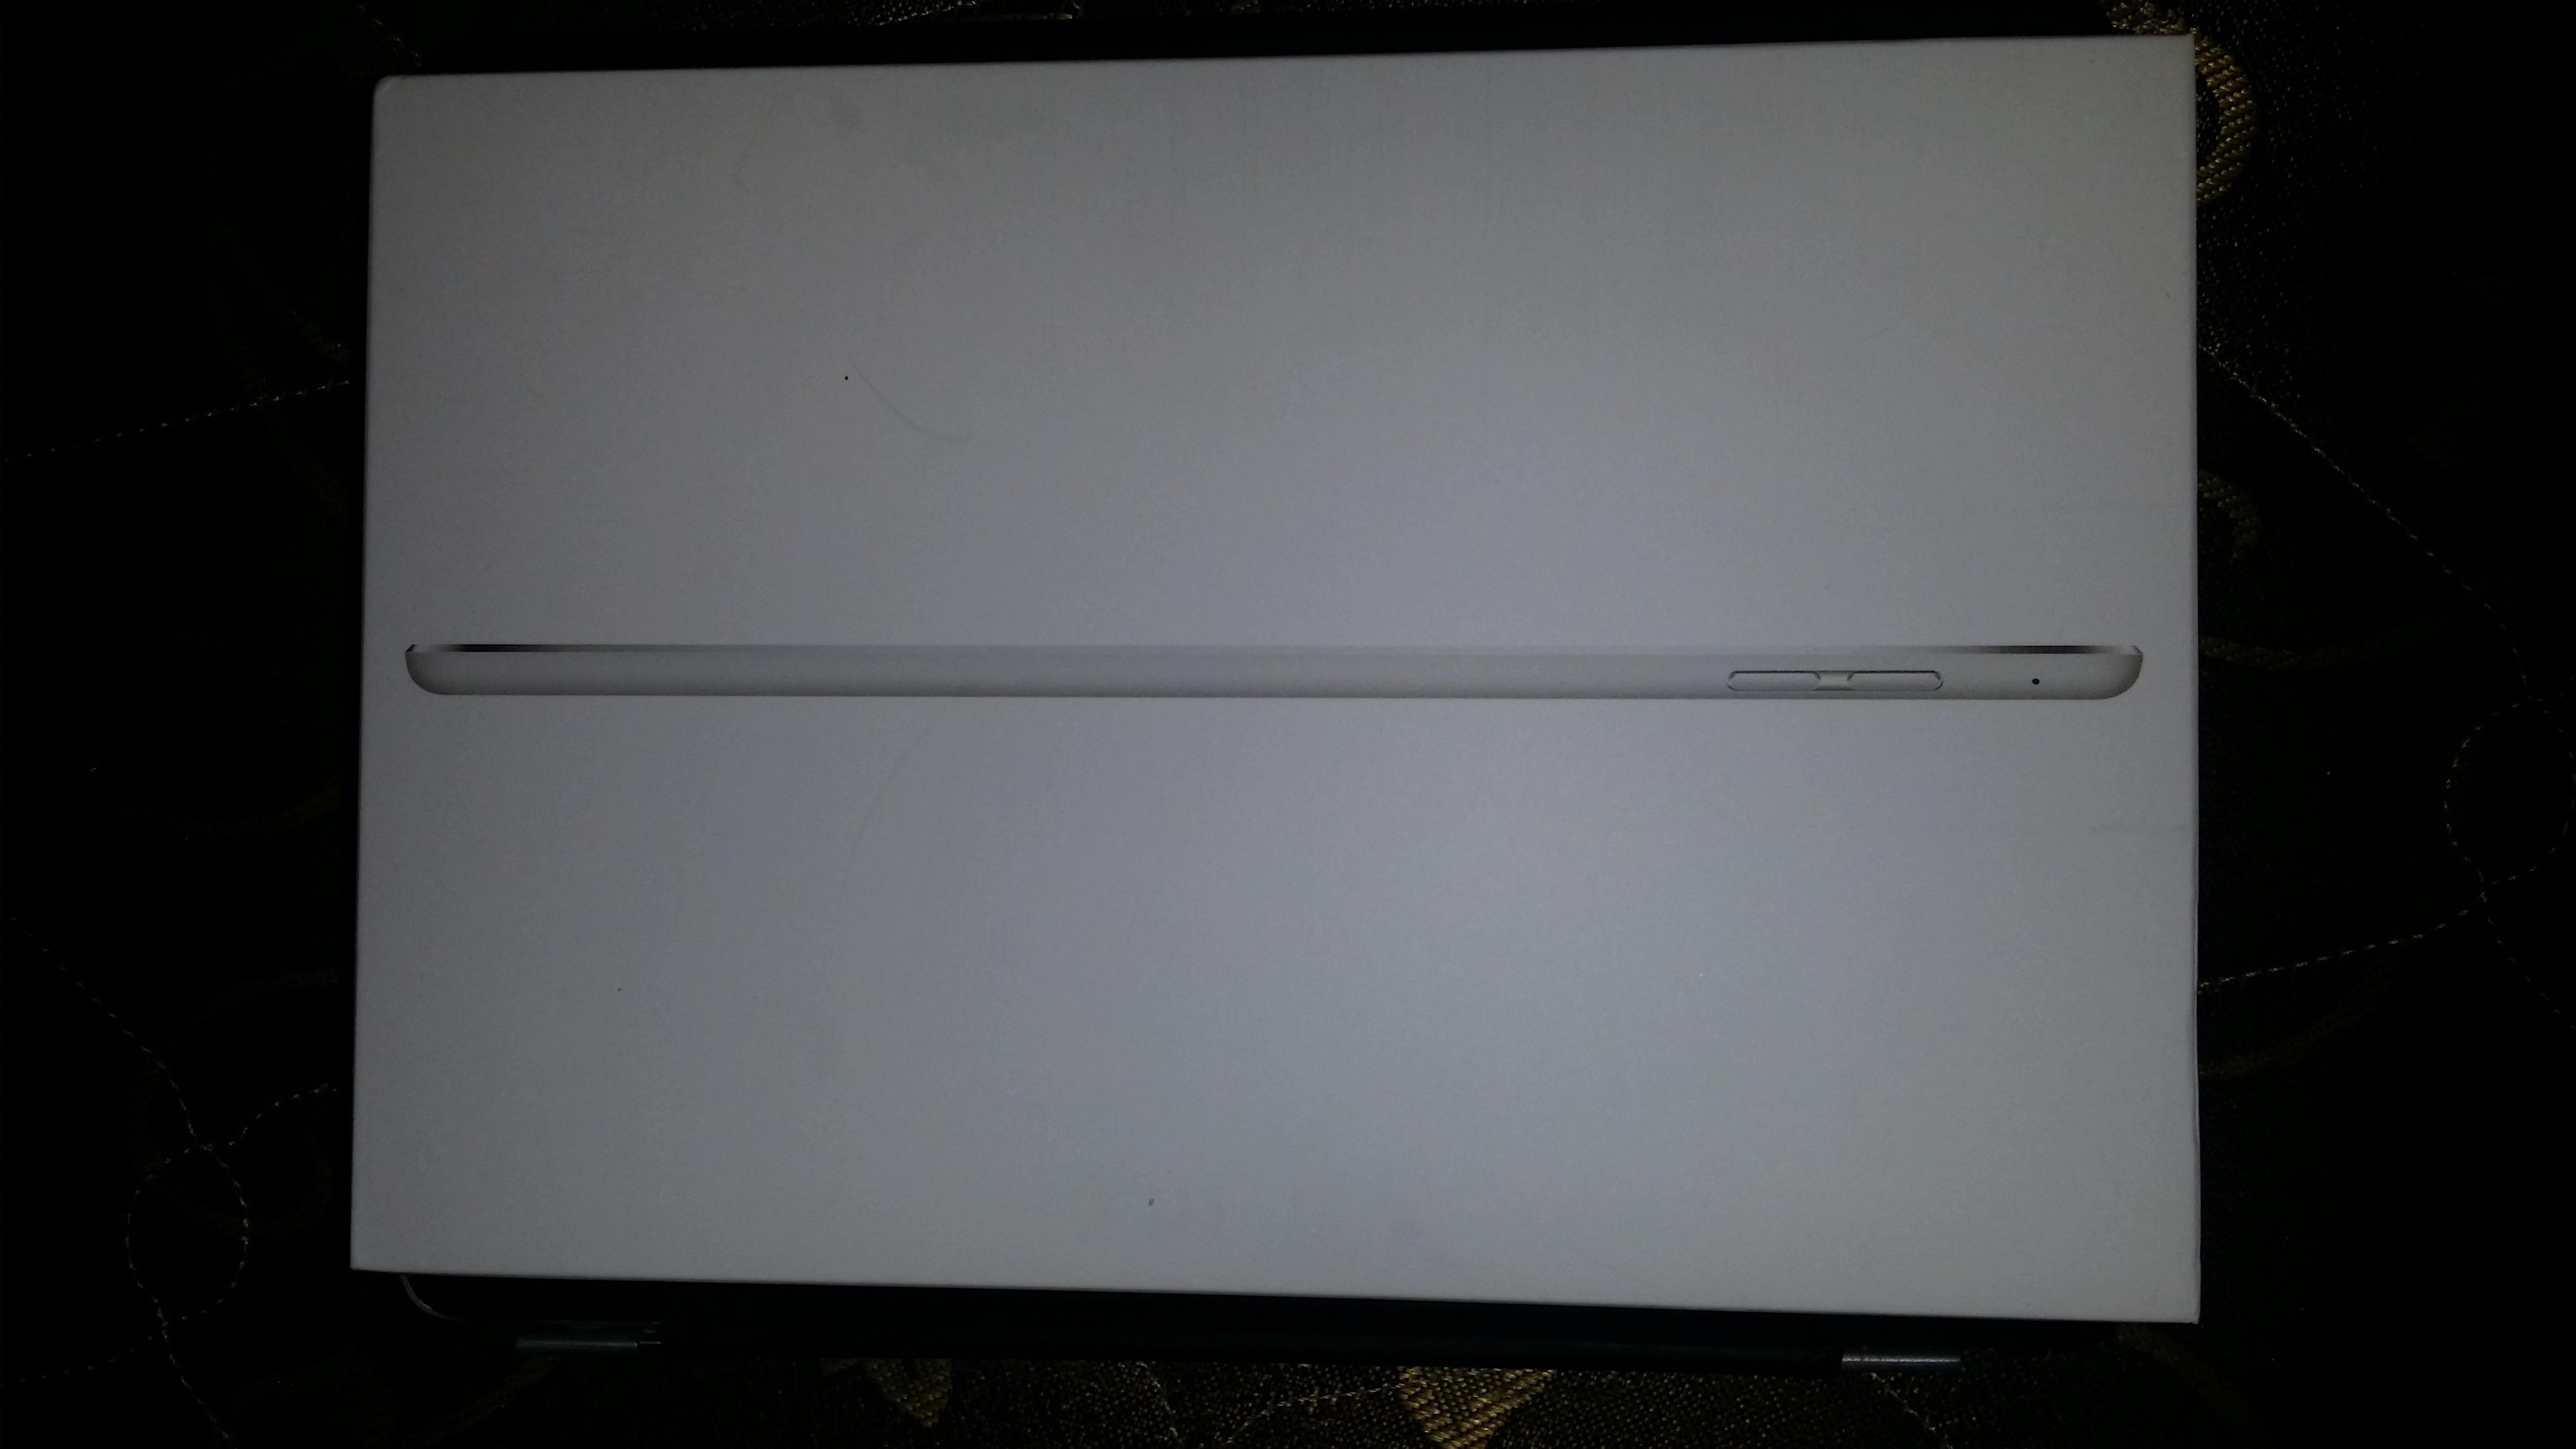 [휴대기기] 노트3 보다 가벼운 아이패드 미니4